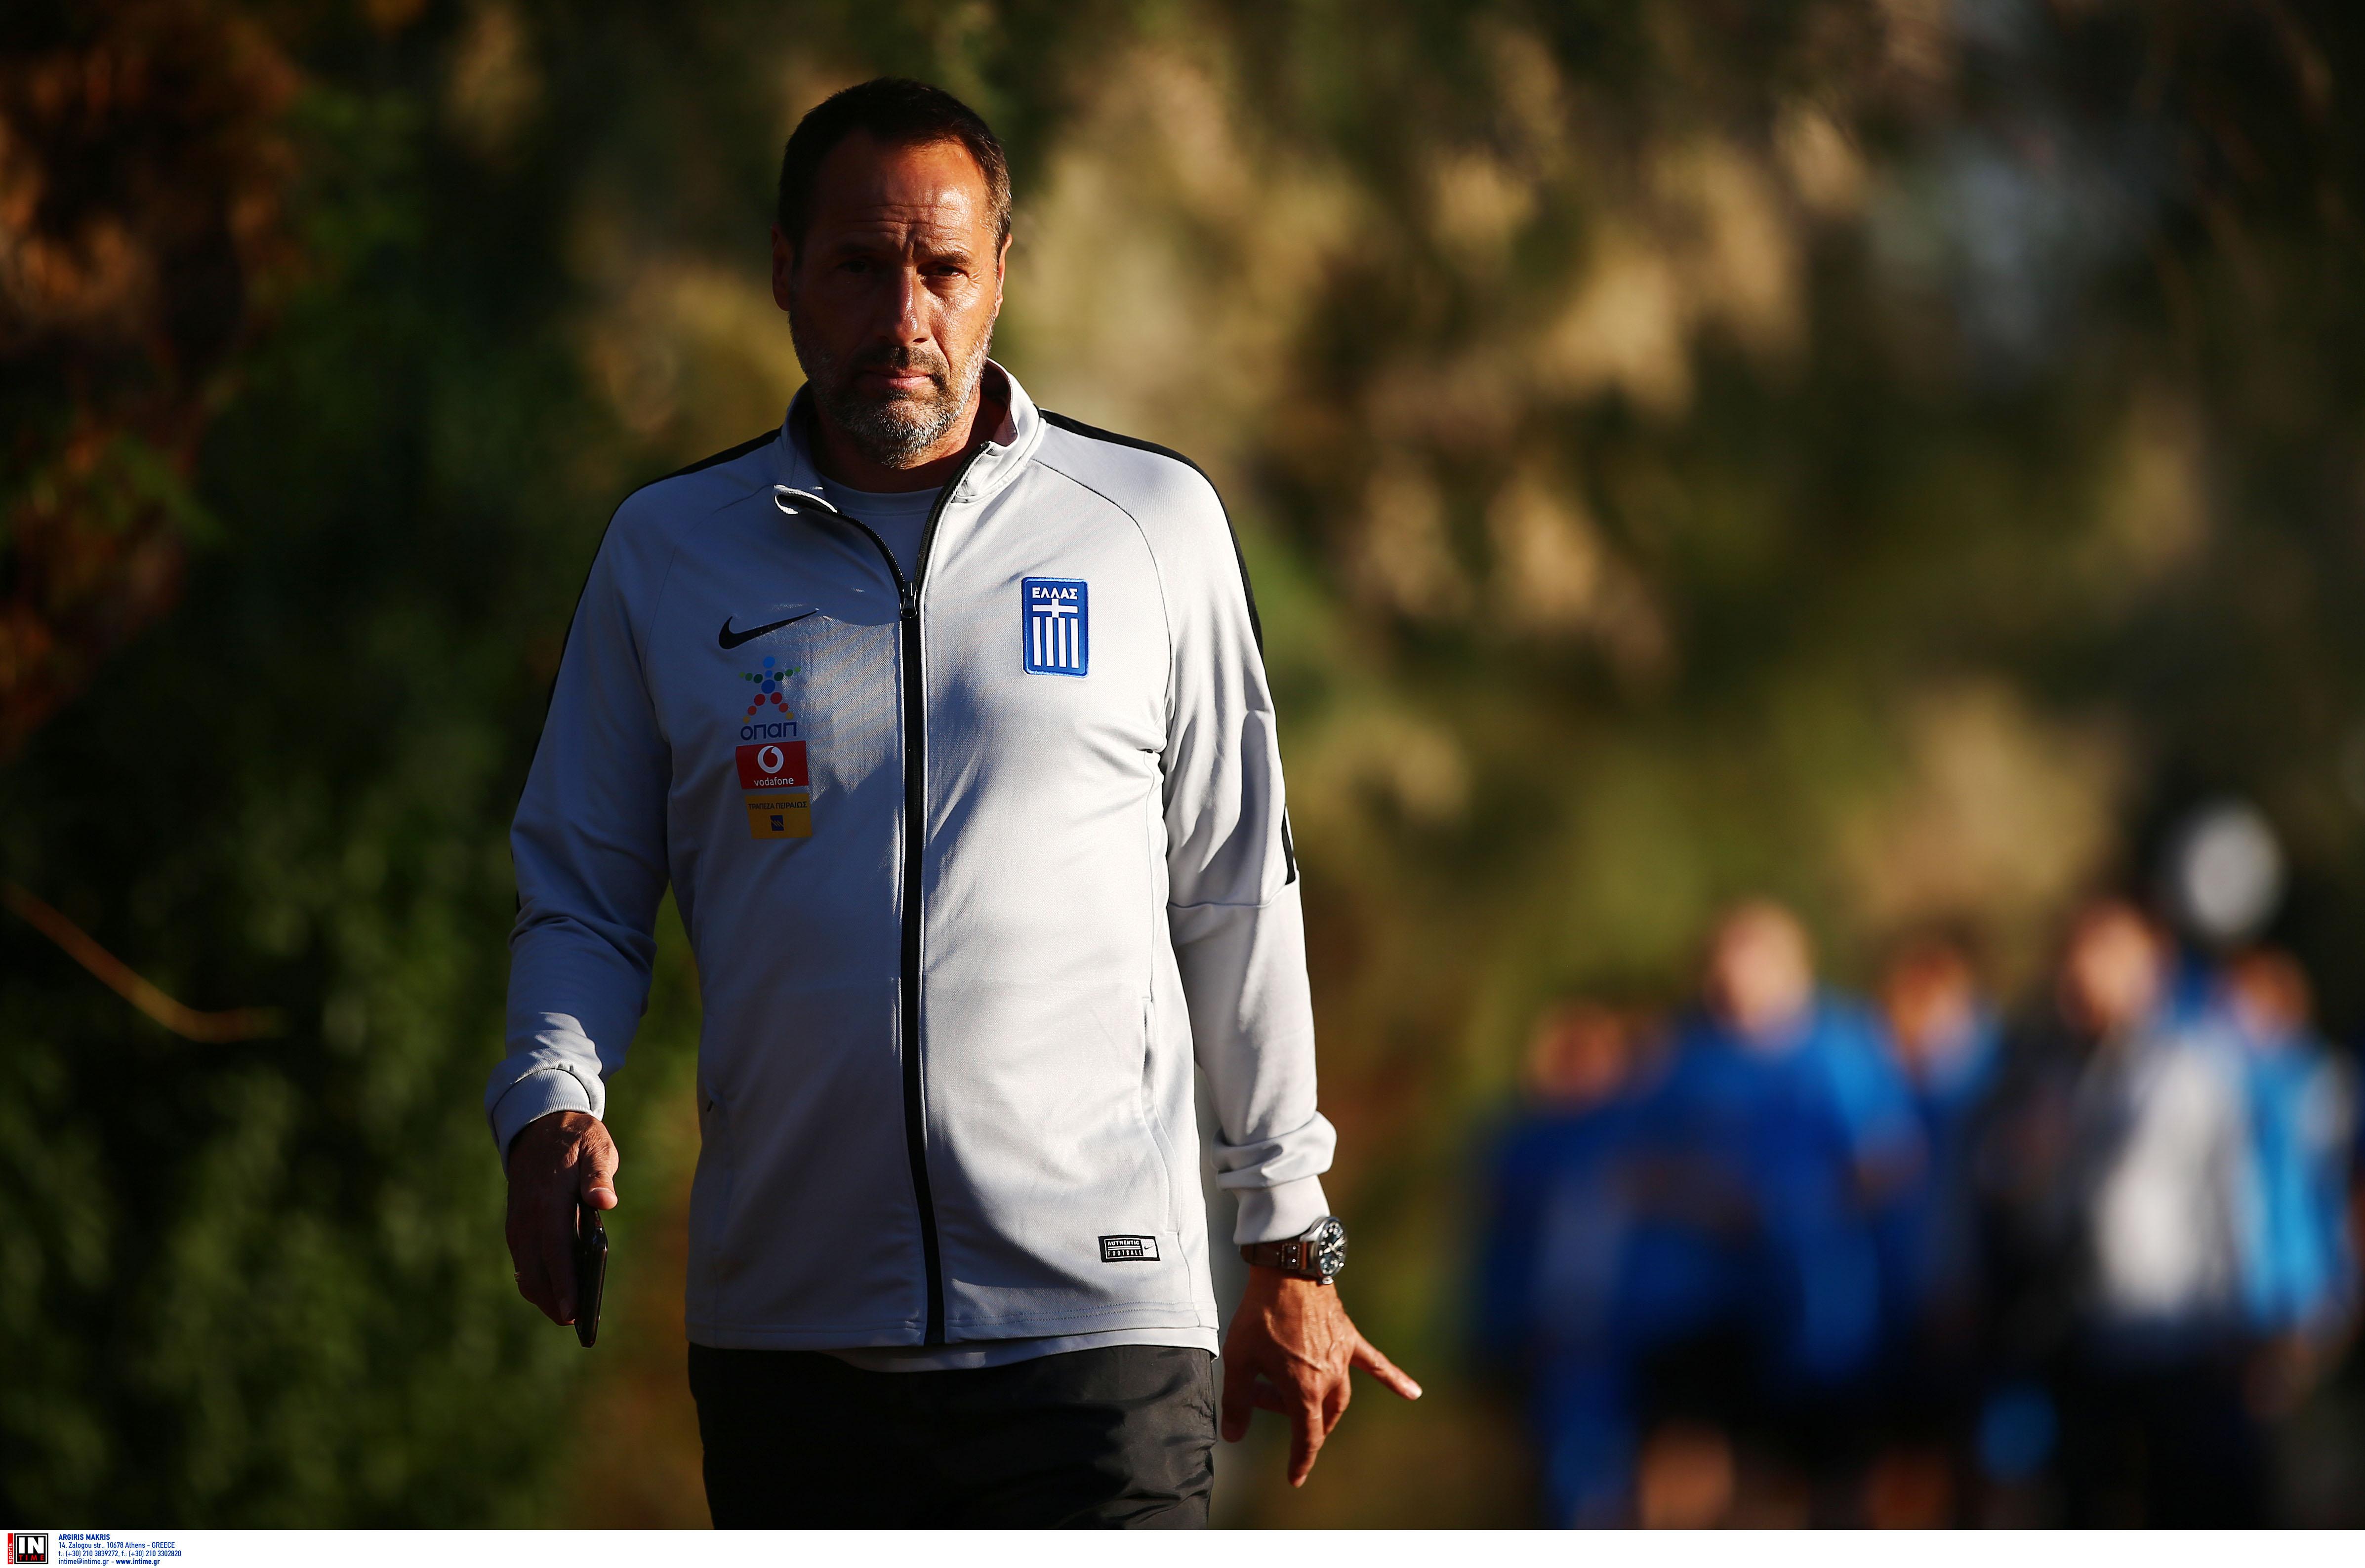 Φαν'τ Σιπ: Θρήνος για τον προπονητή της Εθνικής Ελλάδας – pic